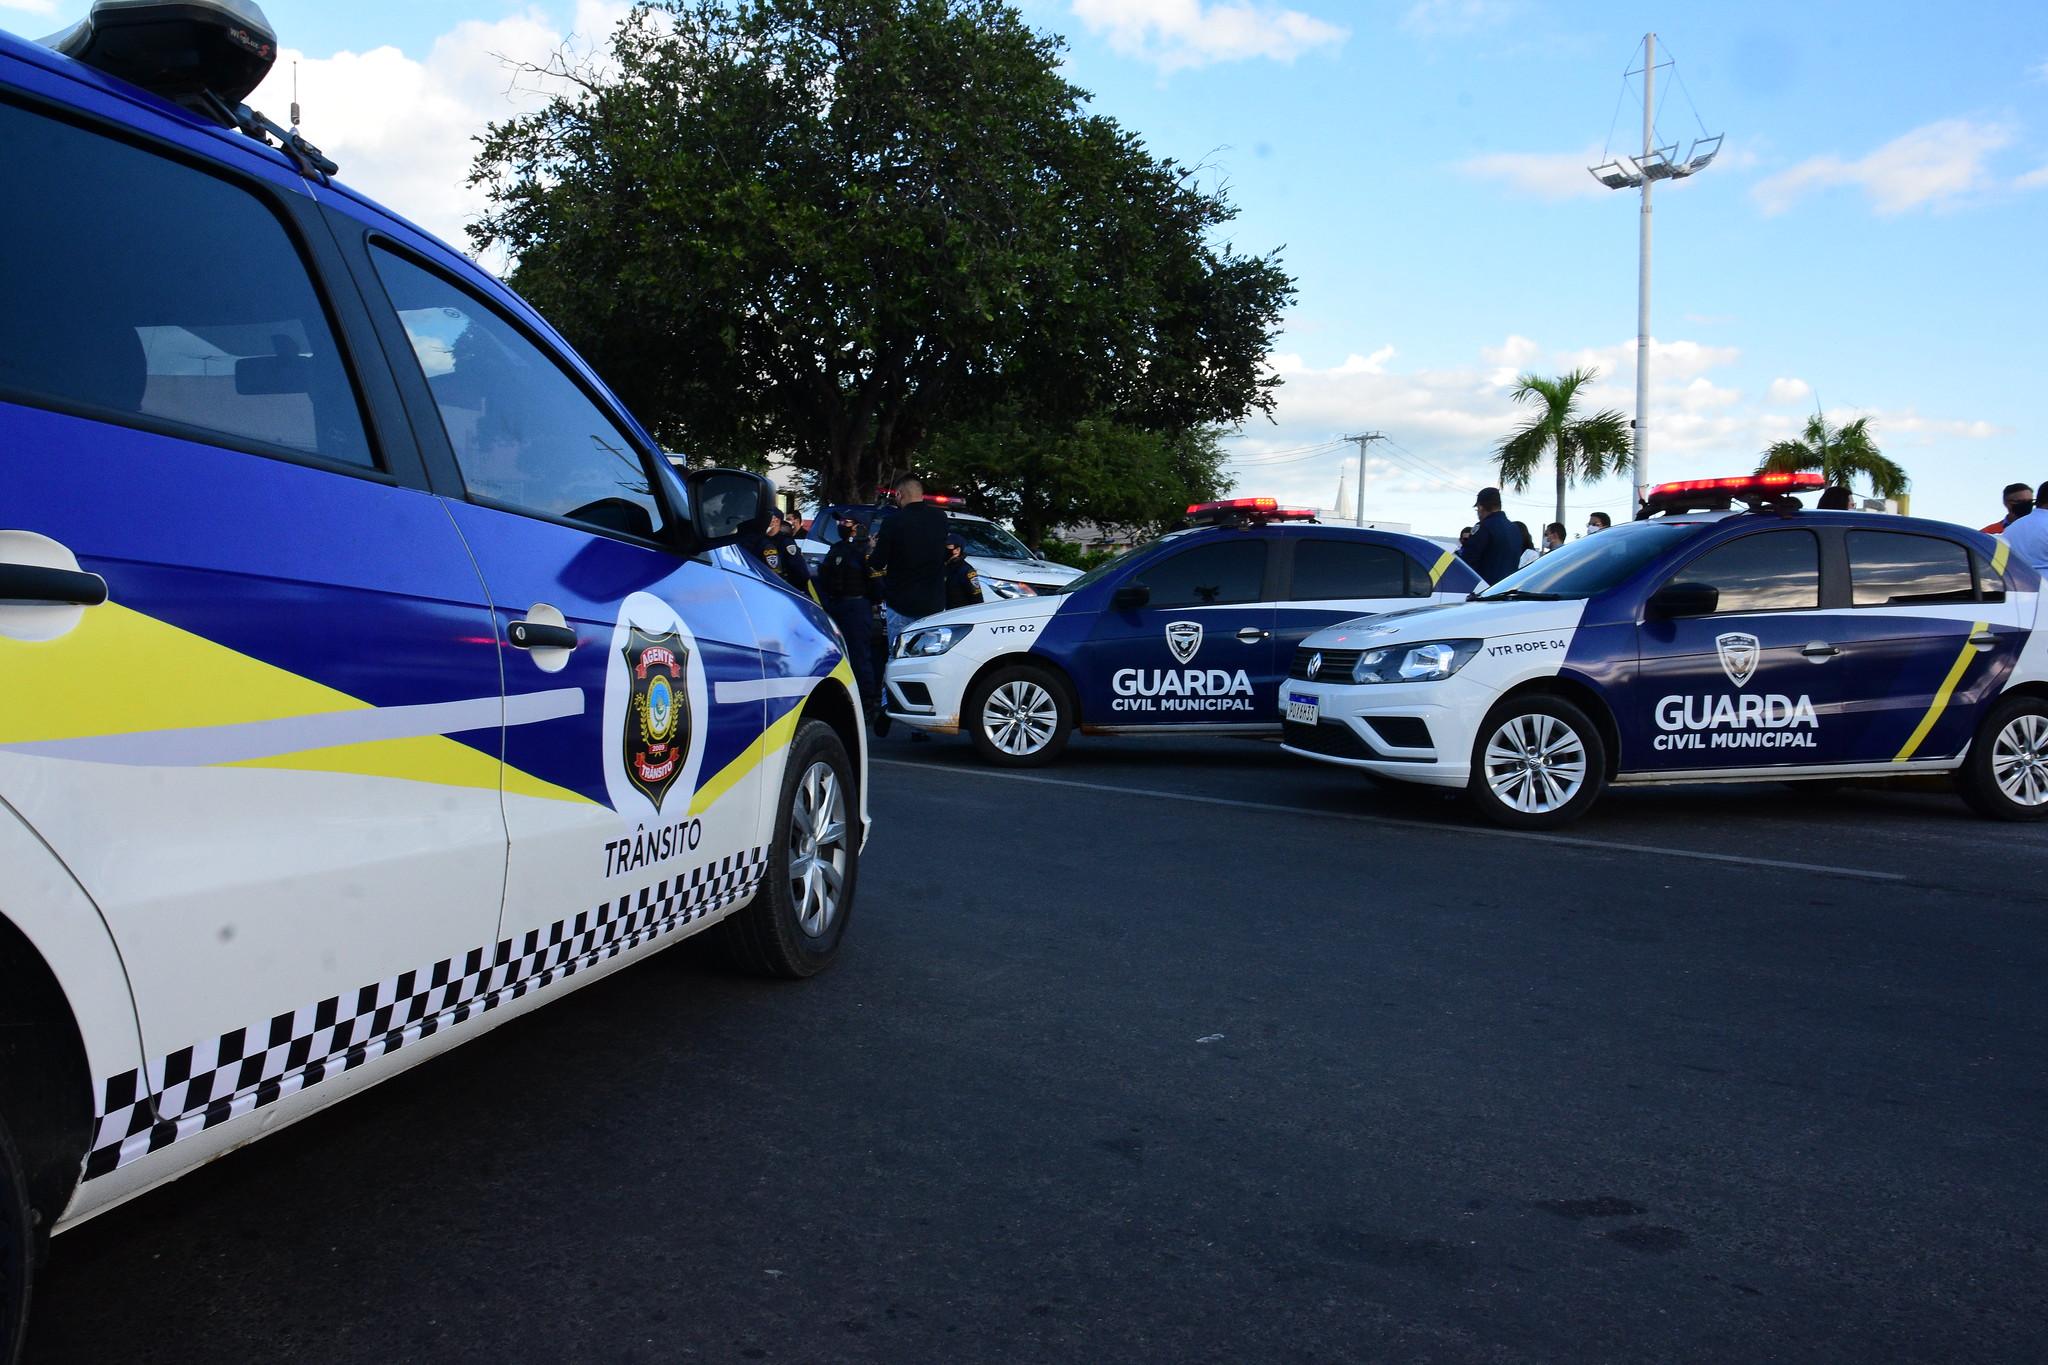 Reforço na segurança: Prefeitura renova frota de veículos da GCM, Trânsito e Defesa Civil